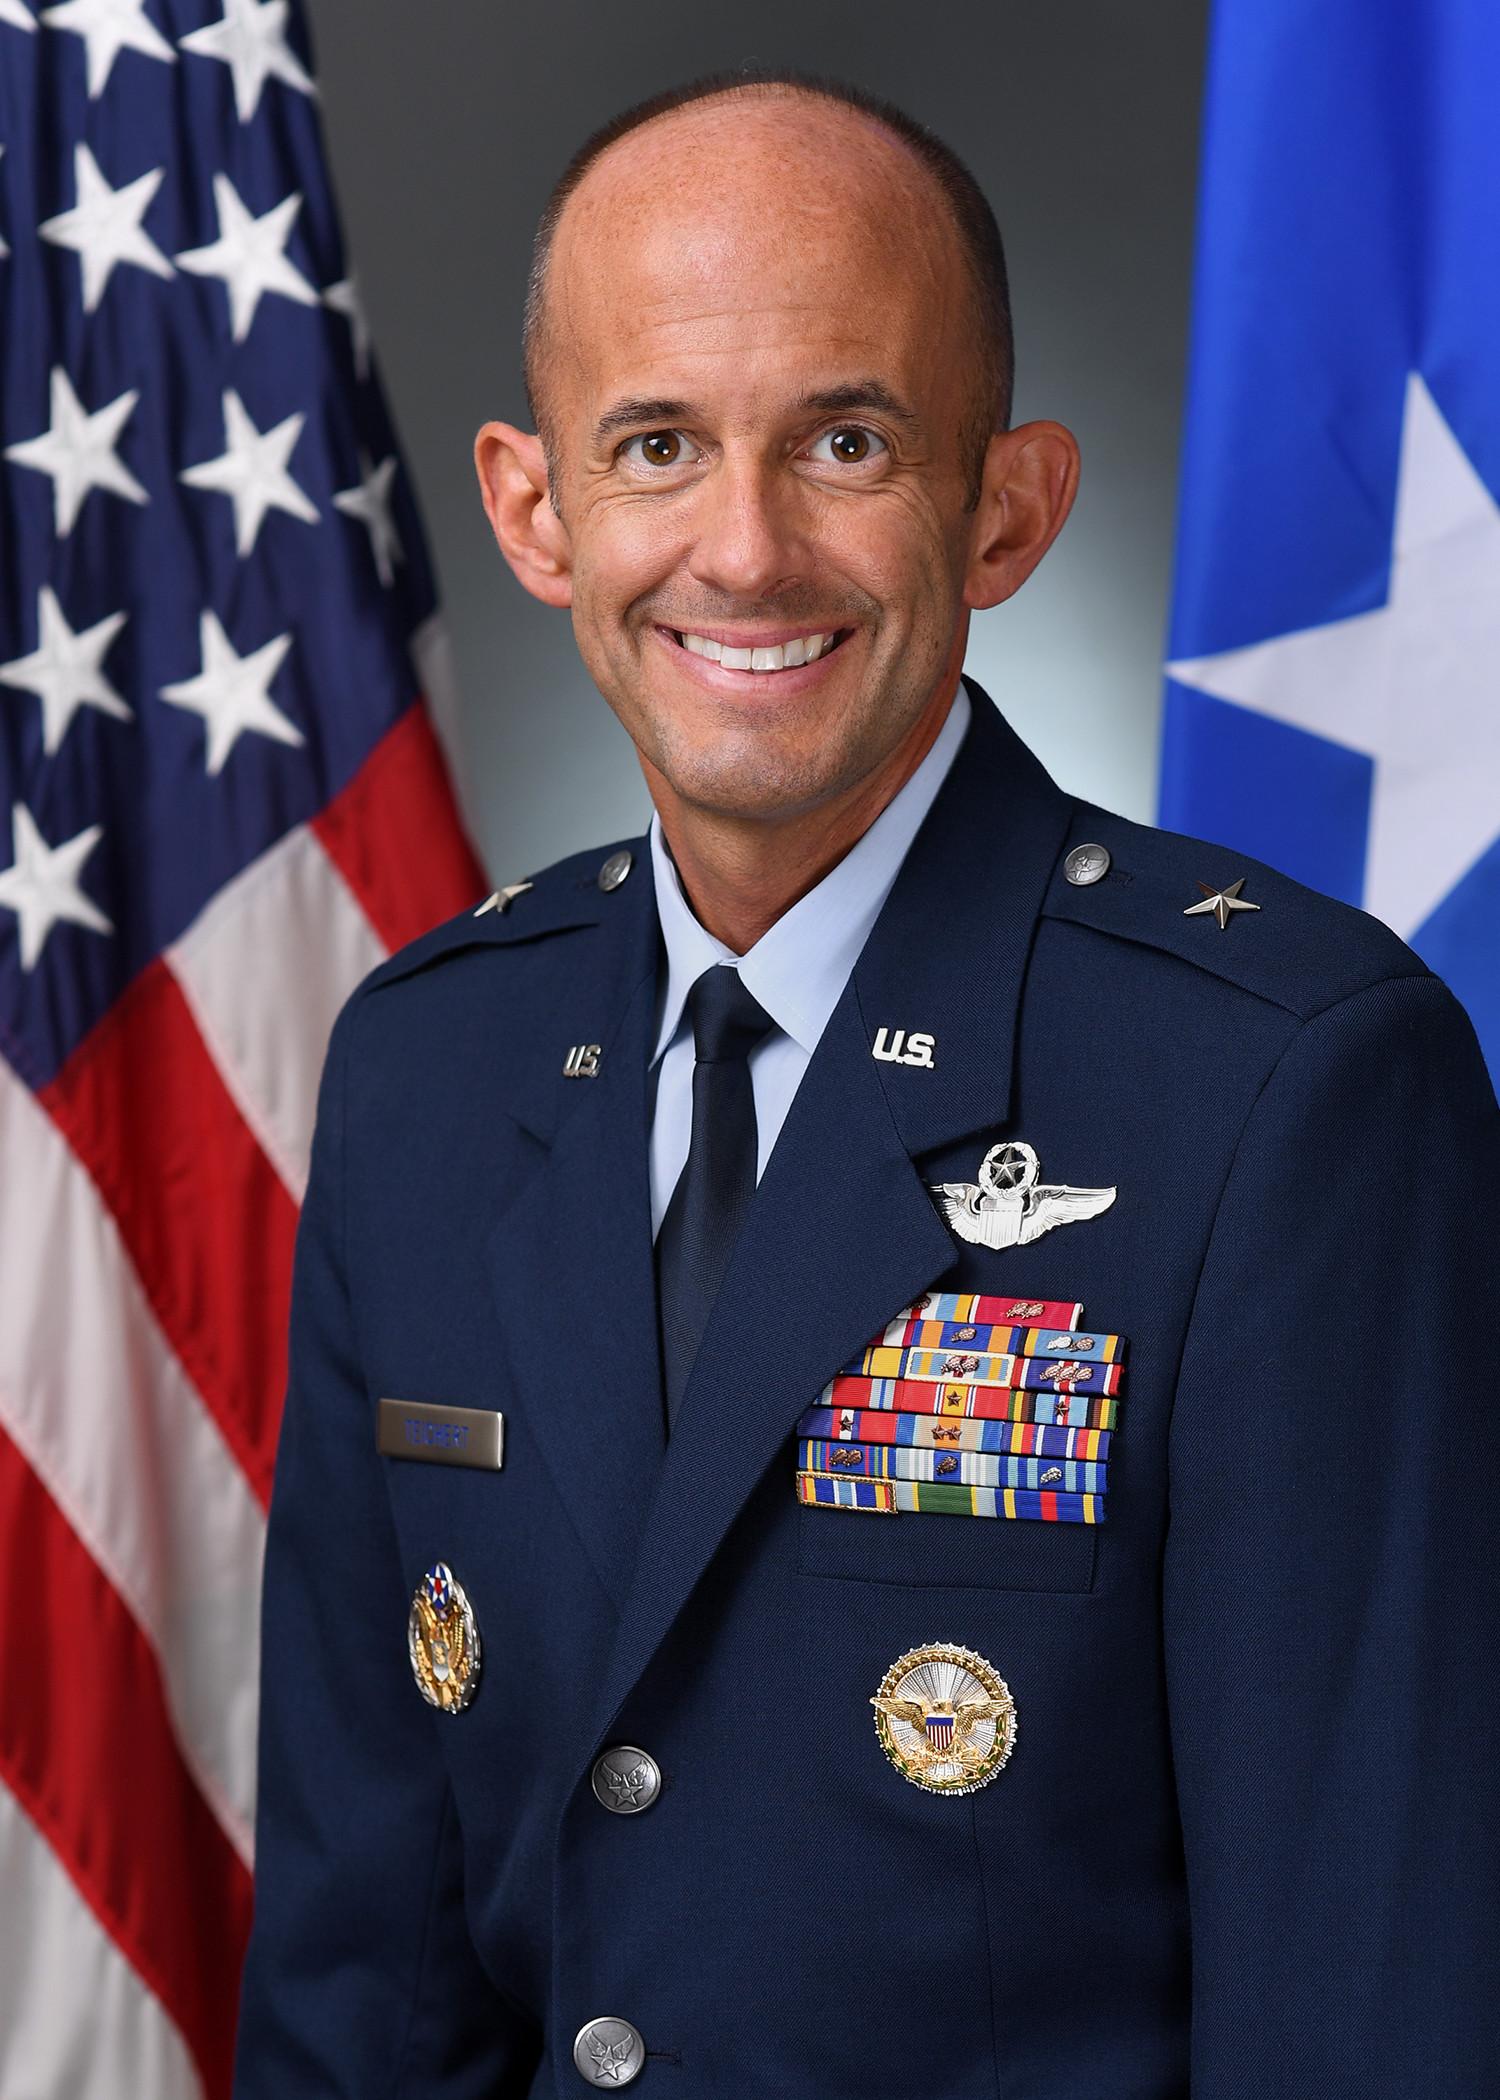 Official photo of Brig. Gen. E. John Teichert